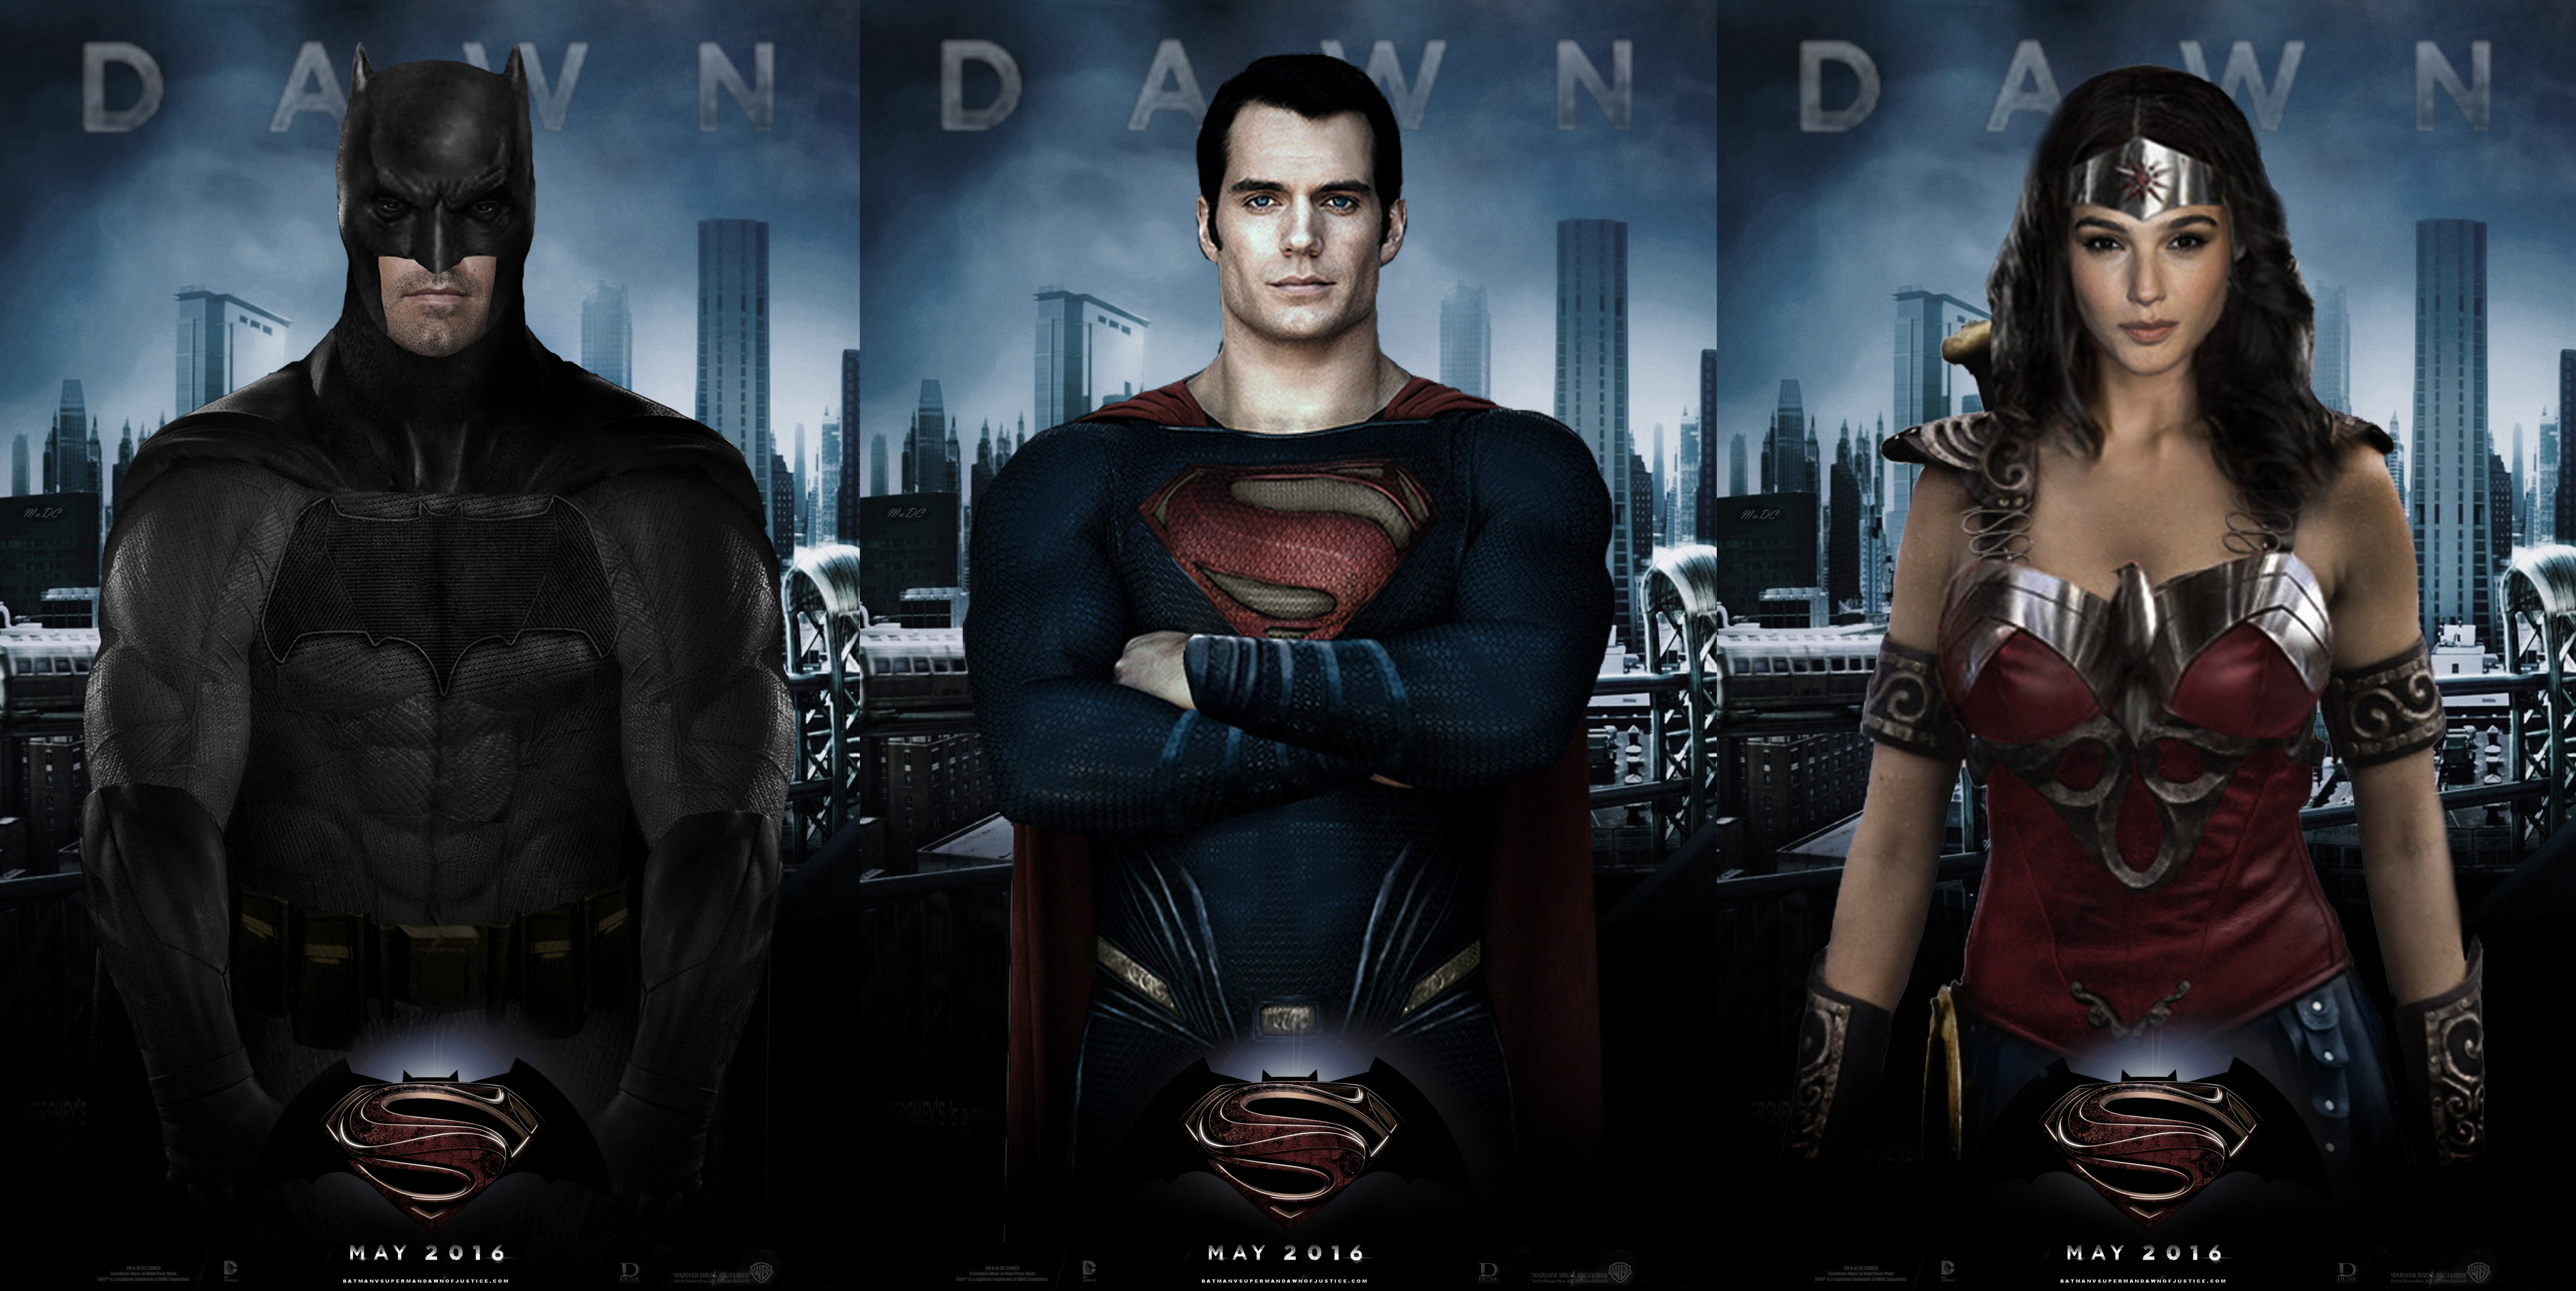 Batman v Superman Dawn of Justice wallpaper 6 WallpapersBQ 4533x2271